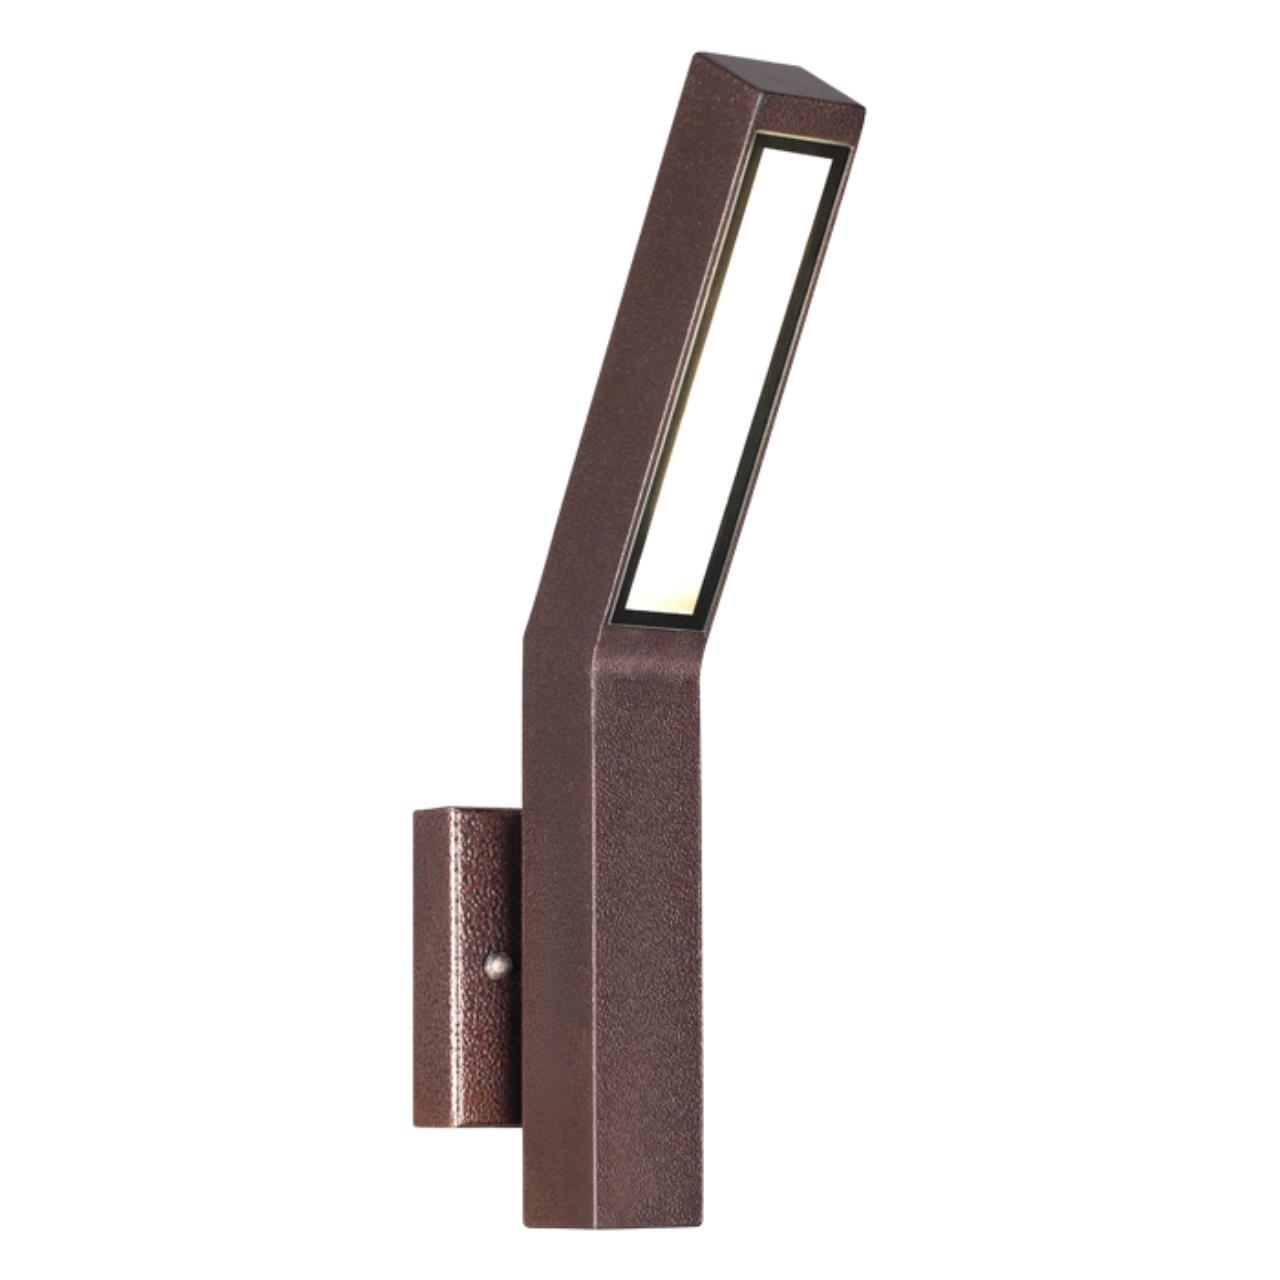 358056 STREET NT19 168 коричневый Ландшафтный светильник IP65 LED 3000К 8W 220V CORNU